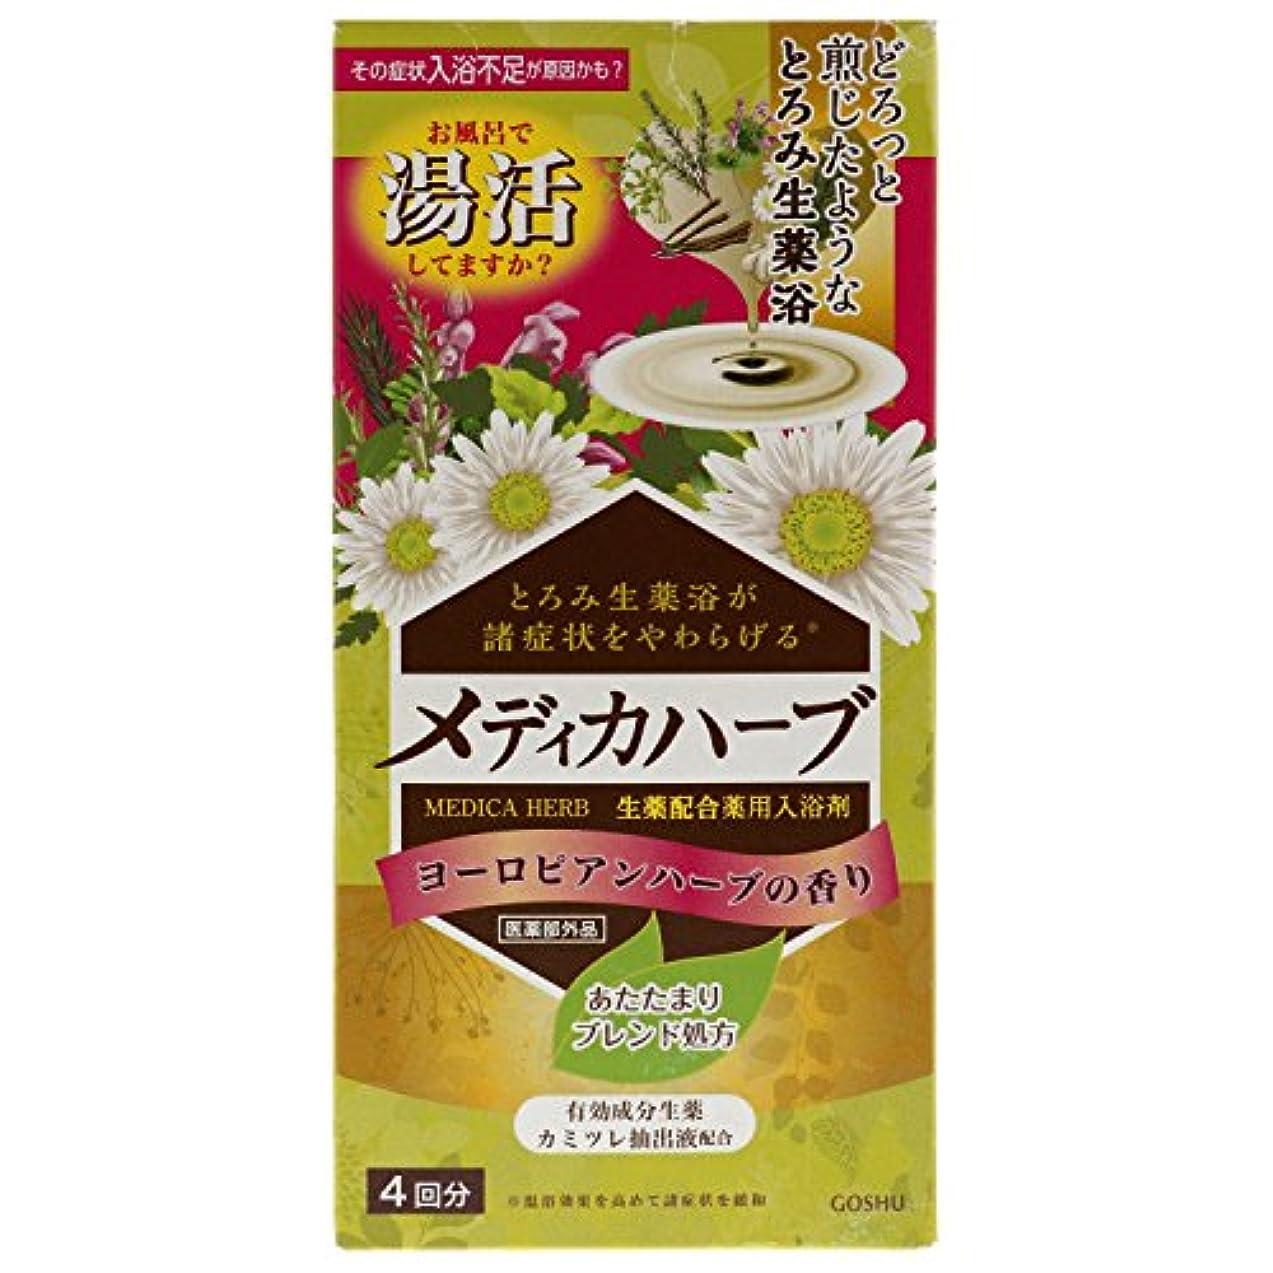 公平な四面体シンカンメディカハーブ ヨーロピアンハーブの香り 4包(4回分) [医薬部外品]